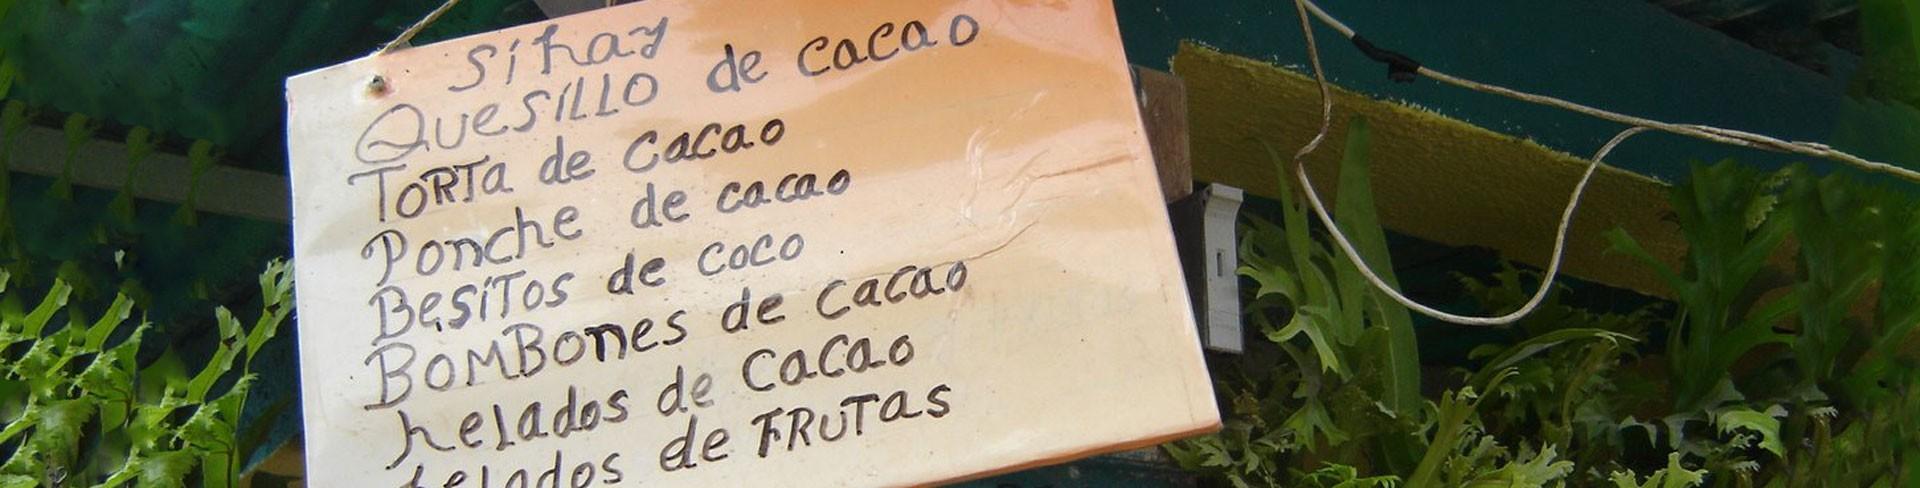 Martini y Cocacola: Chispazo con chocolate